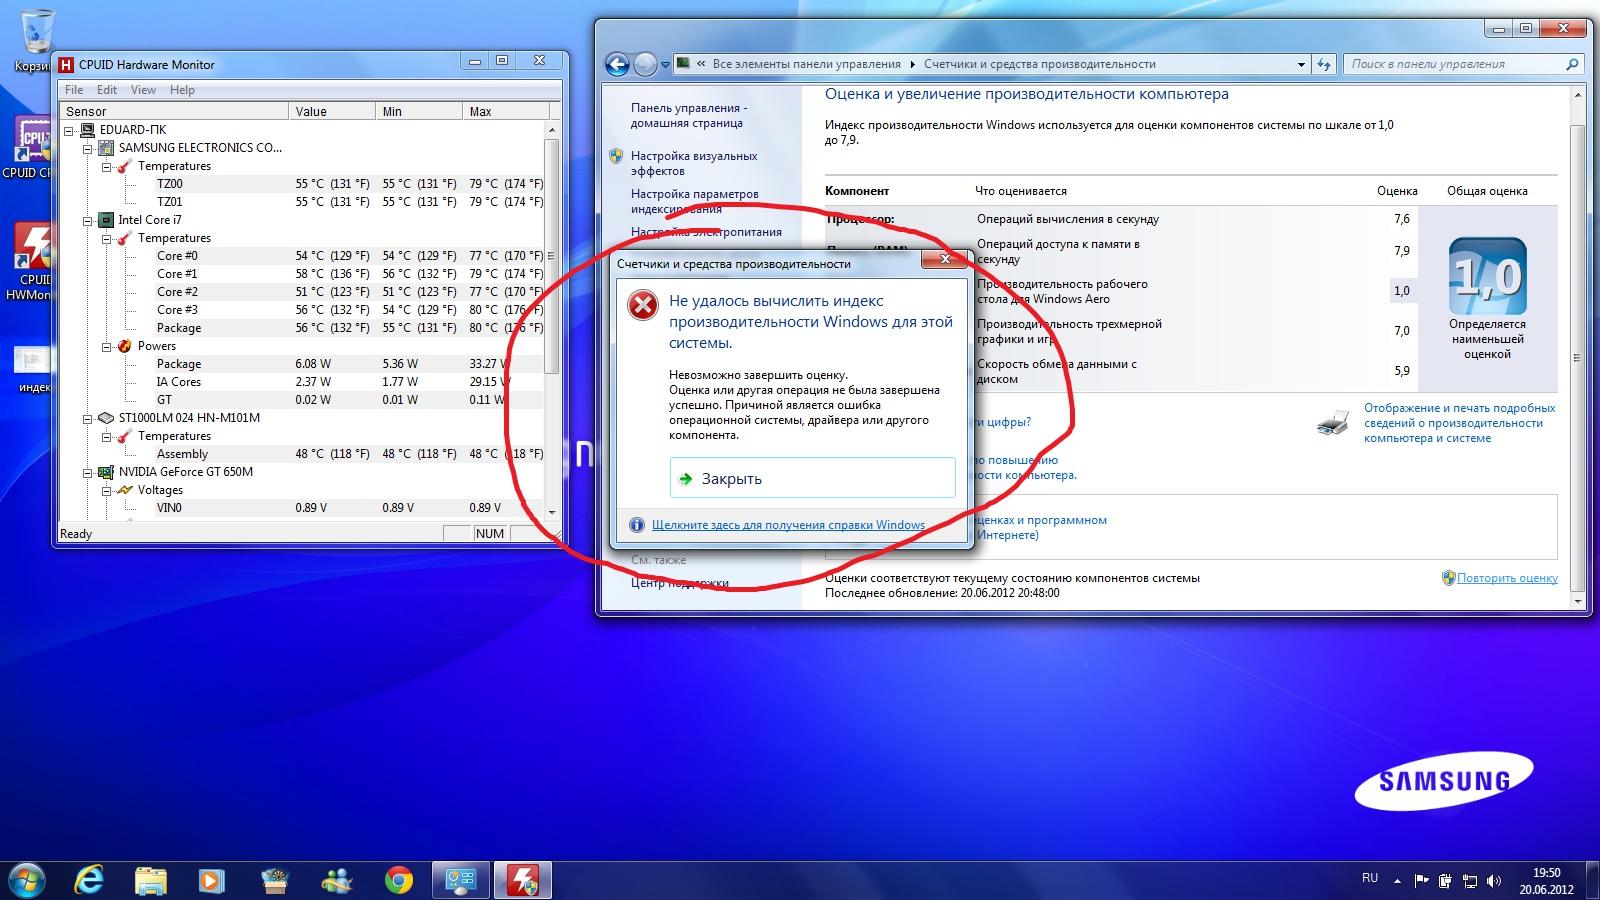 Скачать драйвер для ноутбука samsung np550p7c